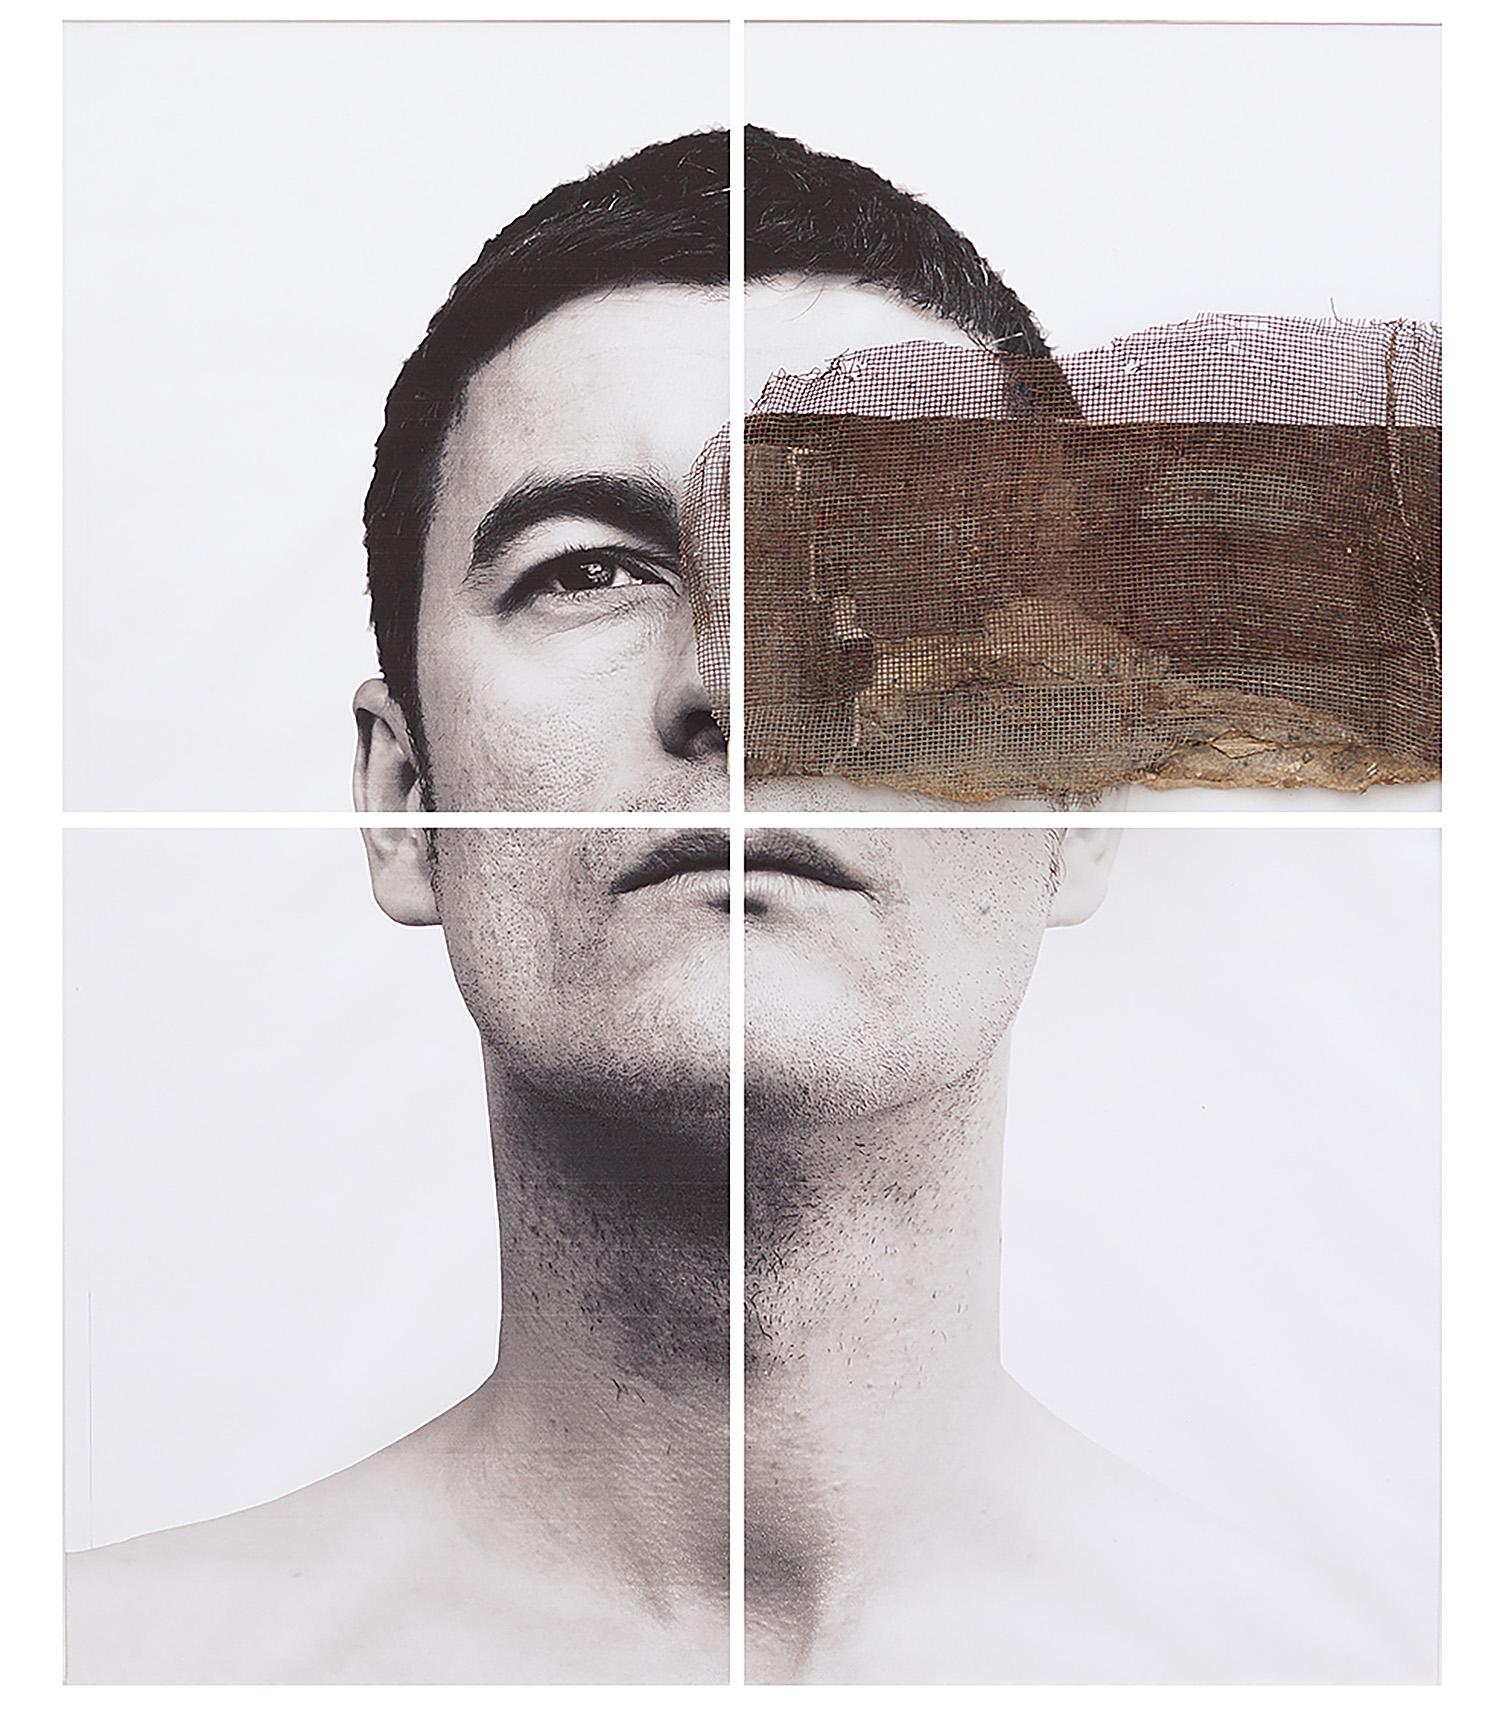 IDENTIDAD para QUADRATONOMADE (2012) - Pablo Rubio Muñoz